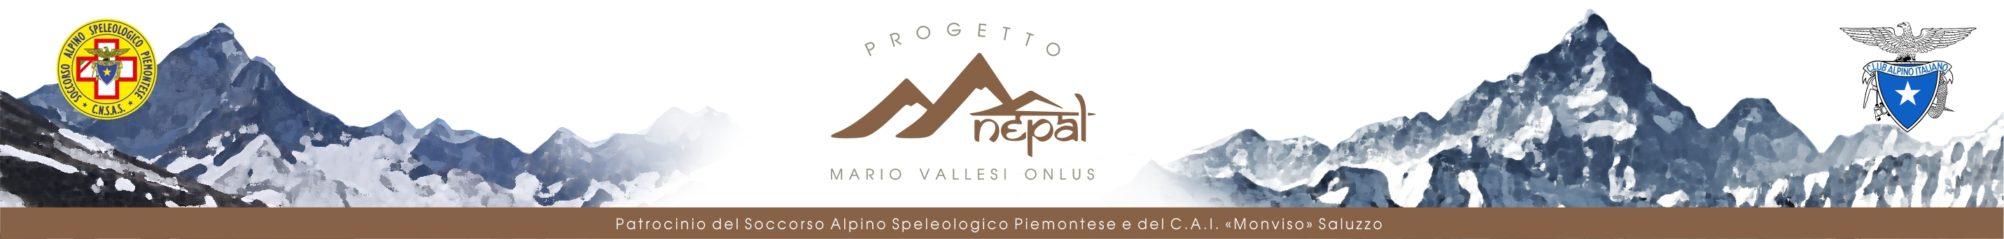 Progetto Nepal